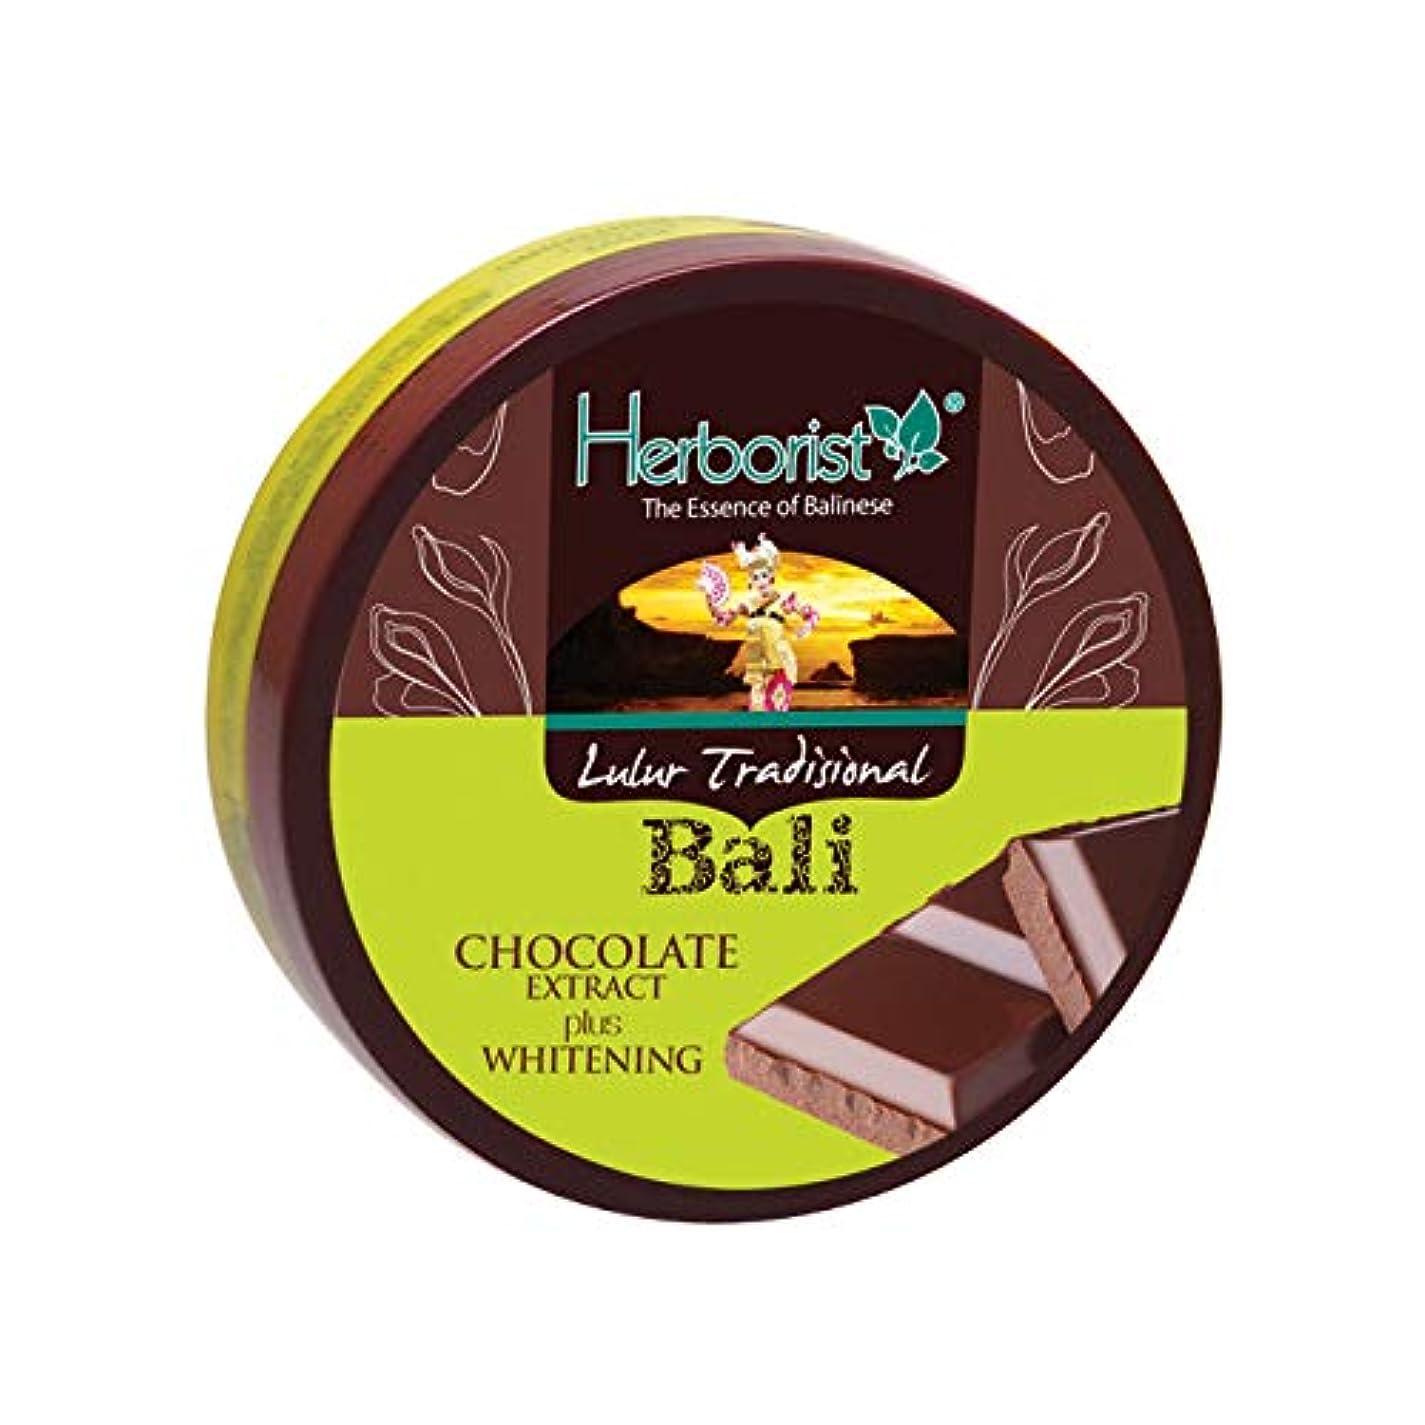 ロビー強制的船尾Herborist ハーボリスト インドネシアバリ島の伝統的なボディスクラブ Lulur Tradisional Bali ルルールトラディショナルバリ 100g Chocolate チョコレート [海外直送品]